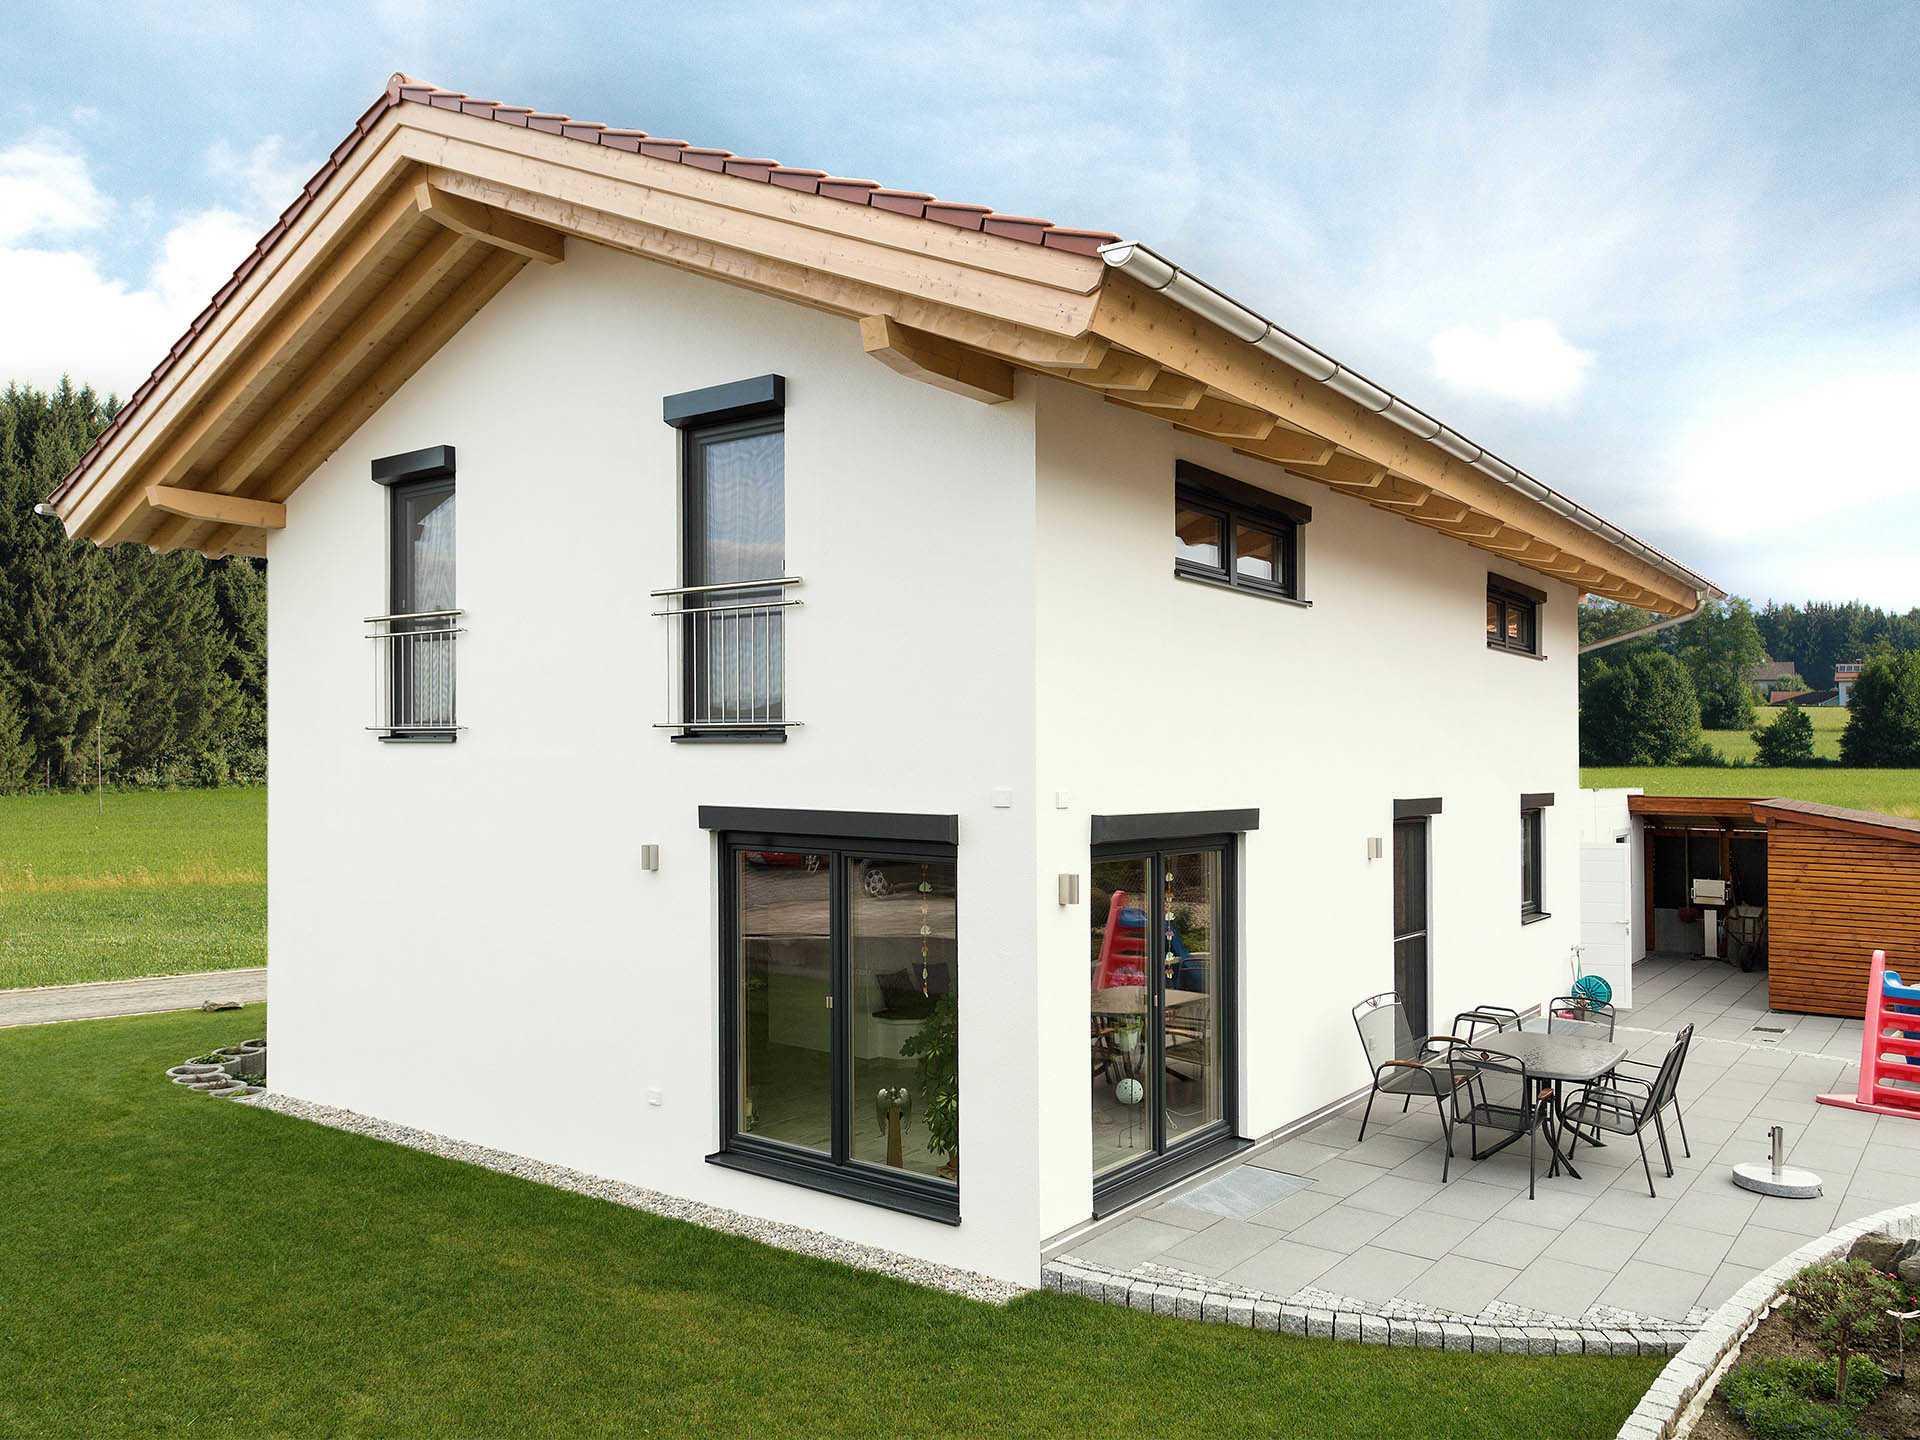 Chiemgauer Holzhaus massivholzhaus köln raumwunder einfamilienhaus chiemgauer holzhaus